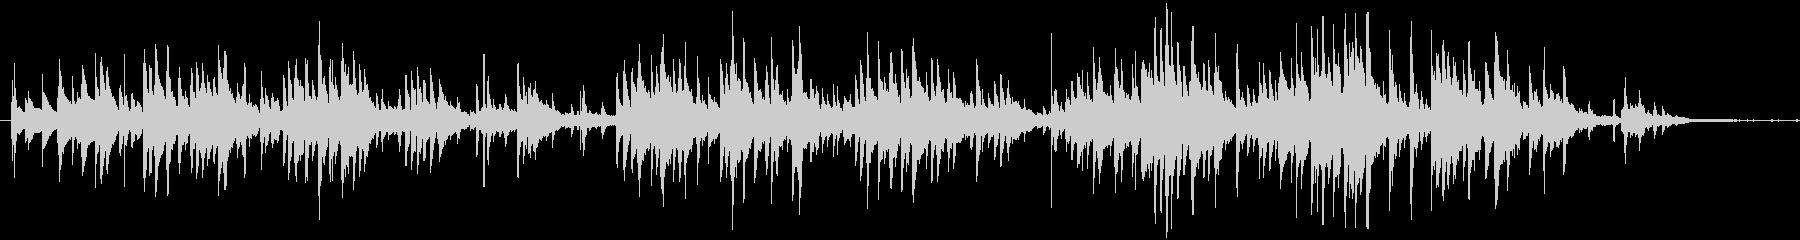 ガットギターによる温かいアンサンブルの未再生の波形